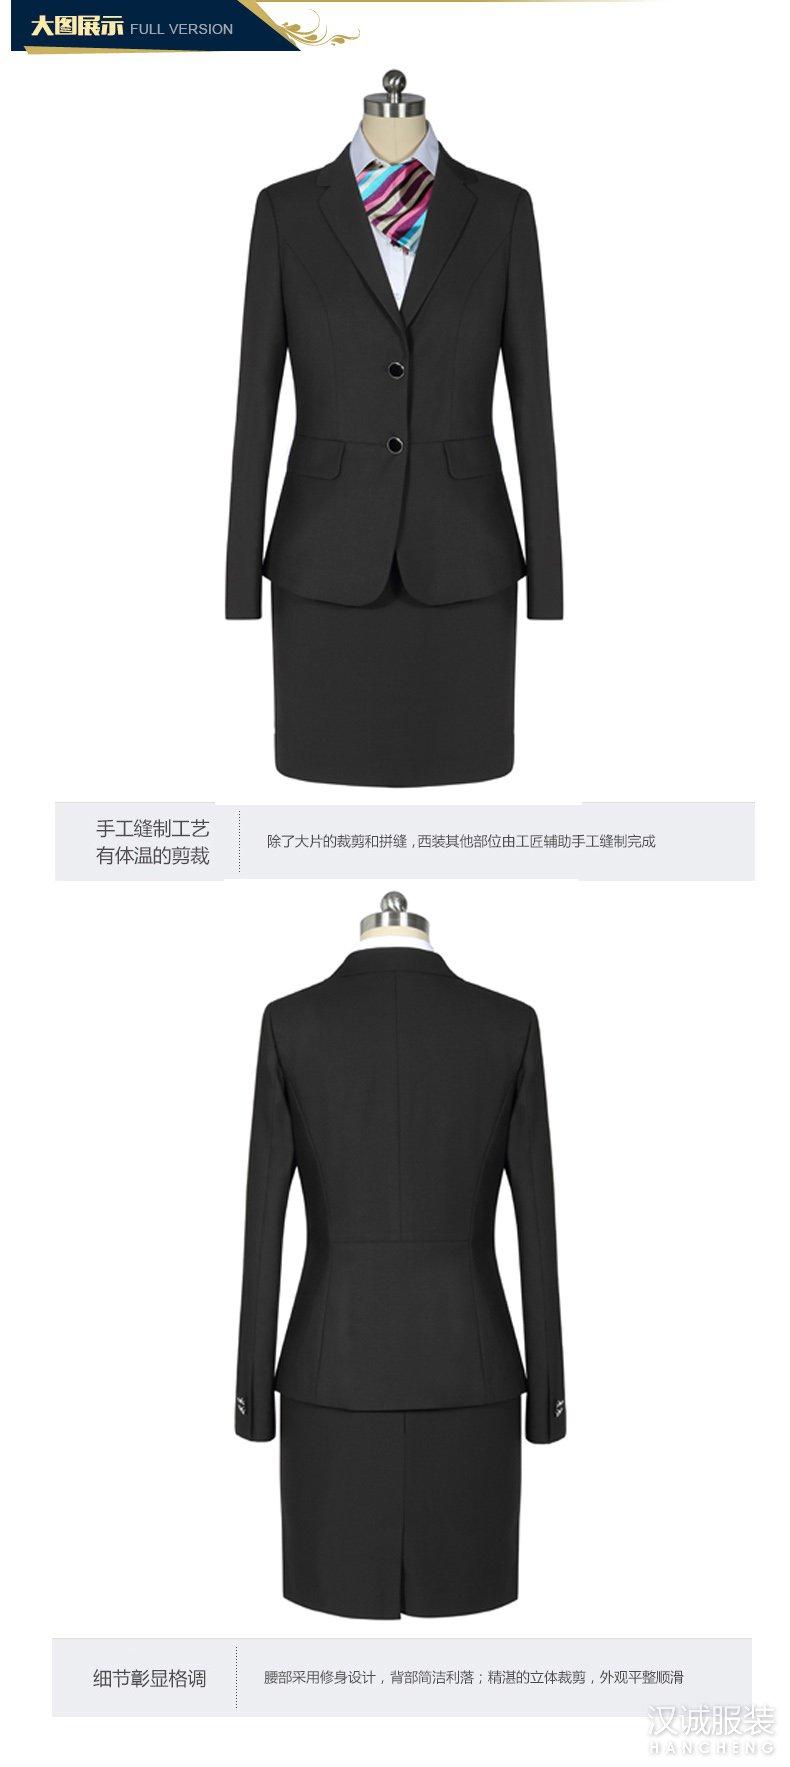 时尚黑色正装女士西服套装3